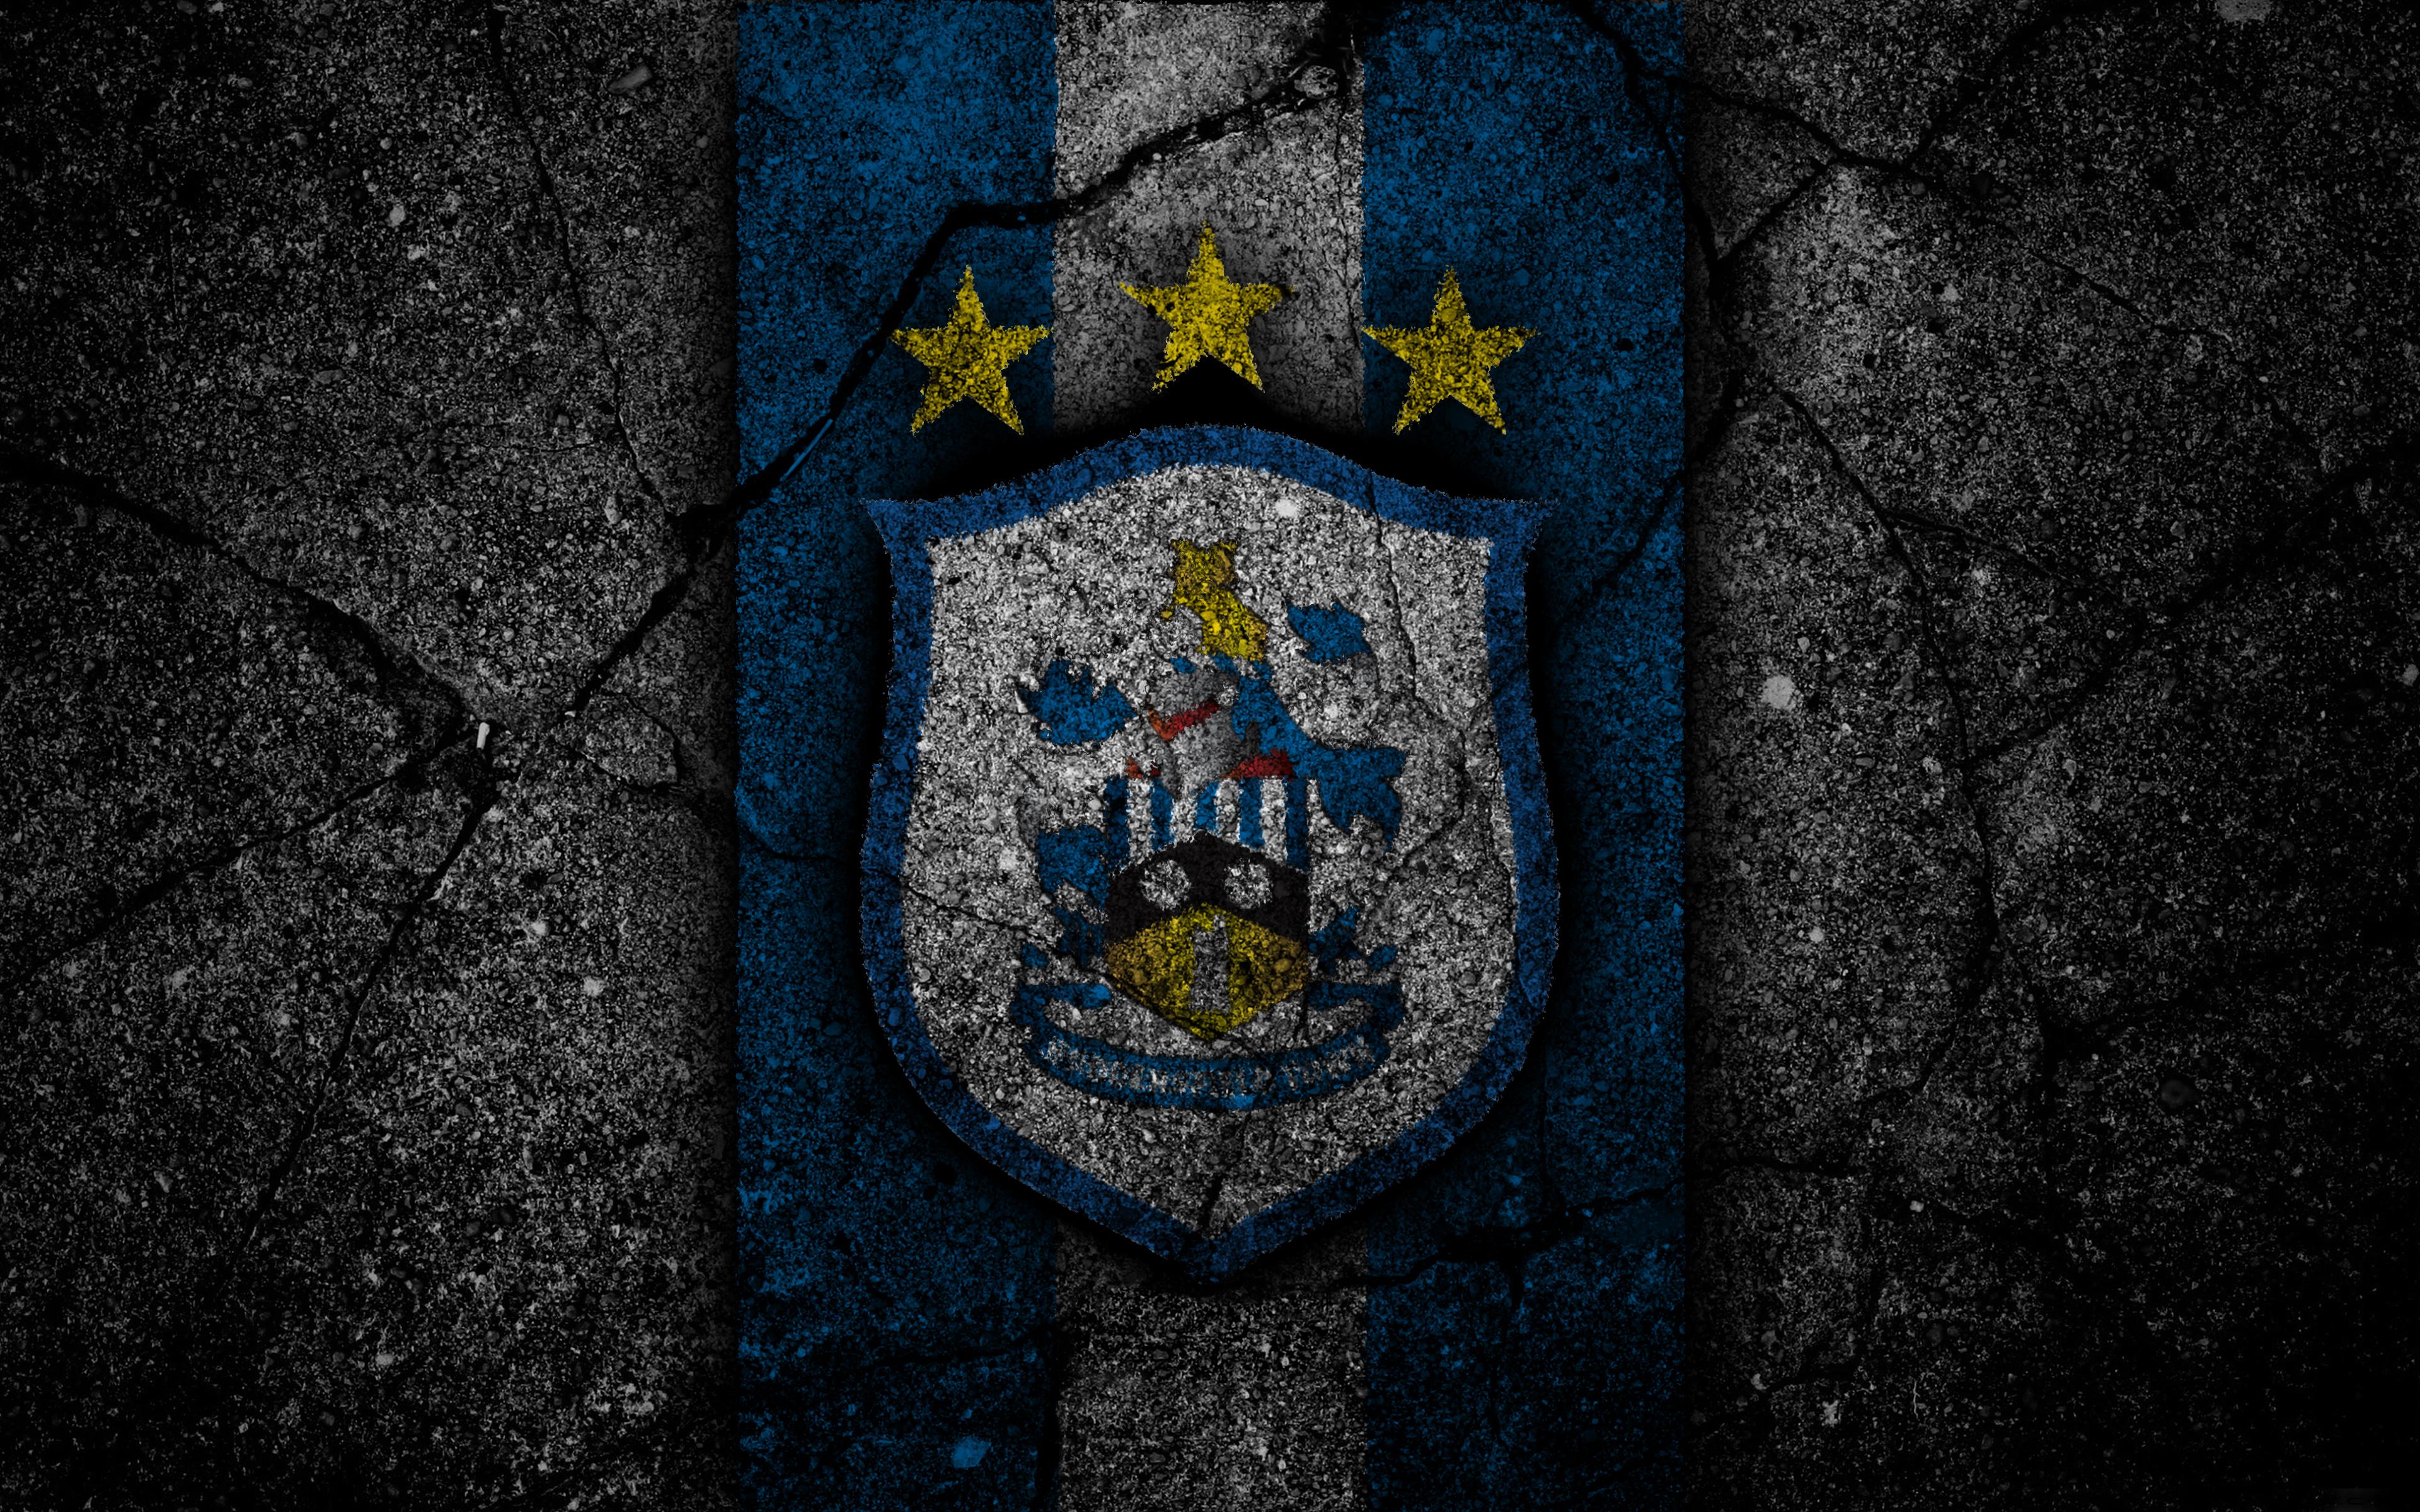 Huddersfield Town A.F.C. 4k Ultra HD Wallpaper